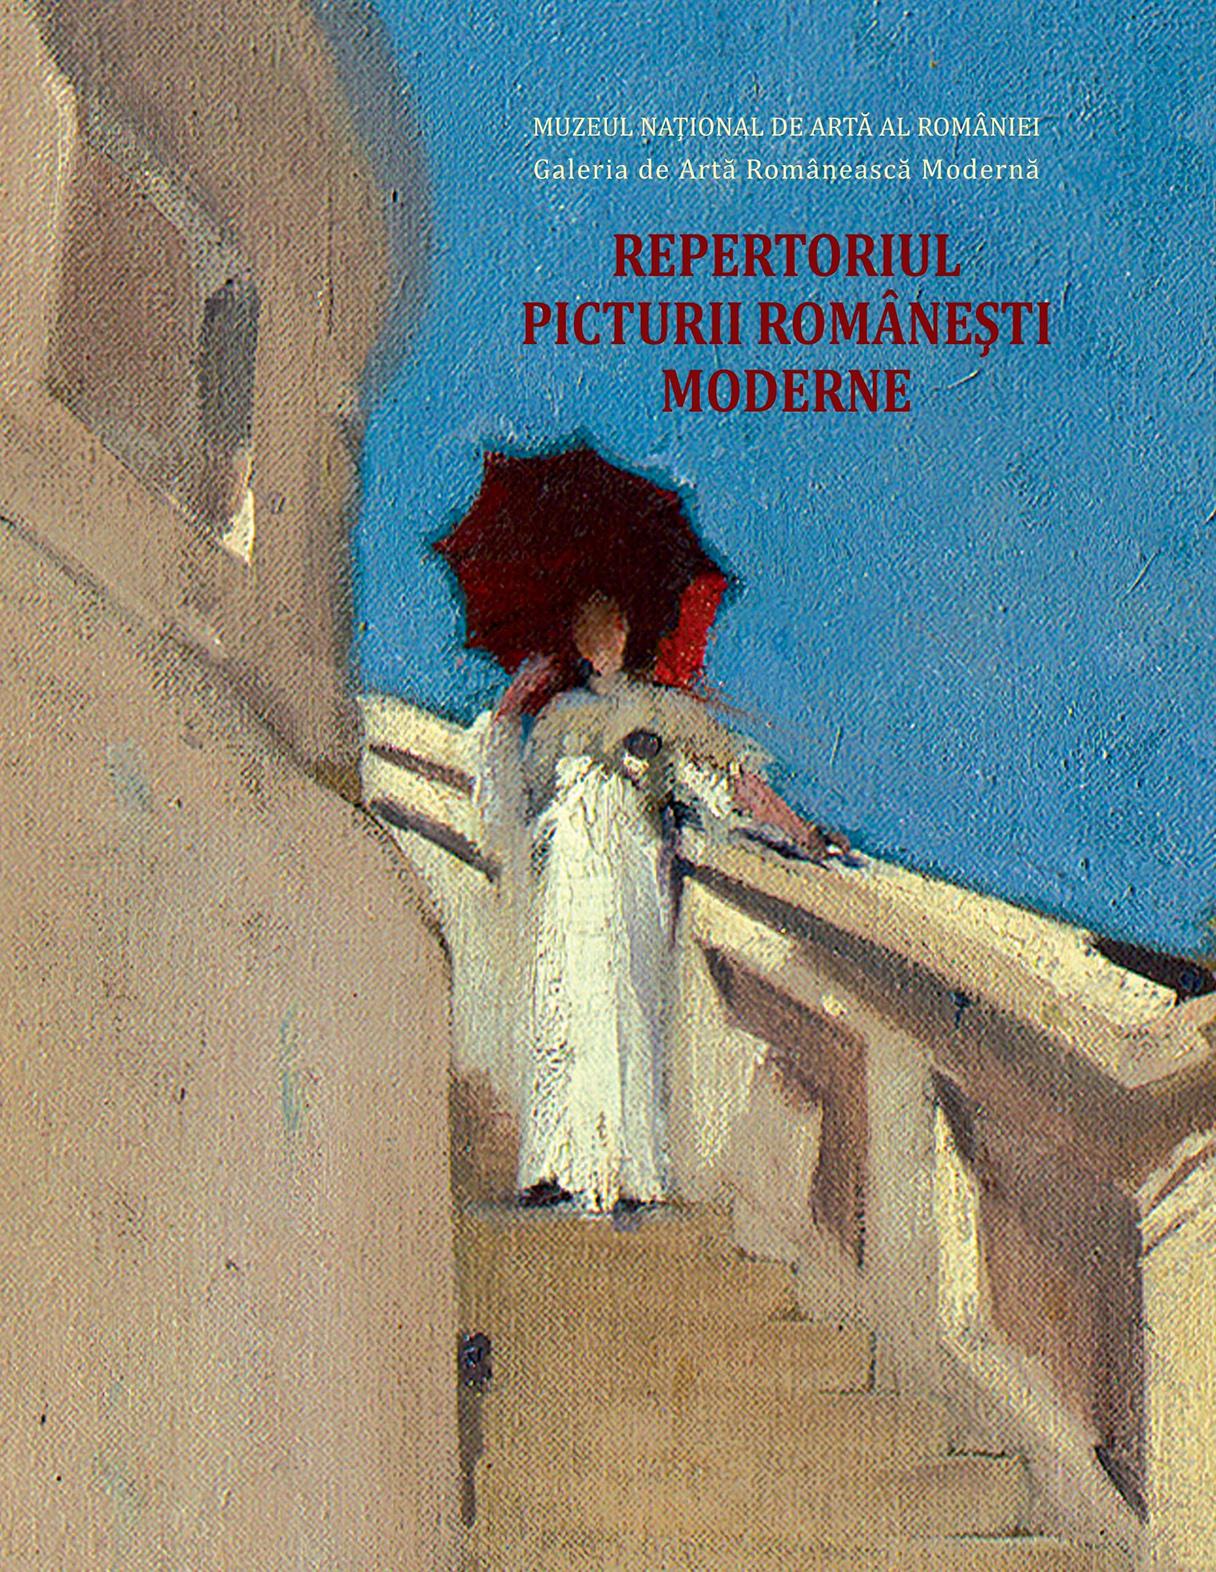 Repertoriul picturii romanesti moderne - Vol. III